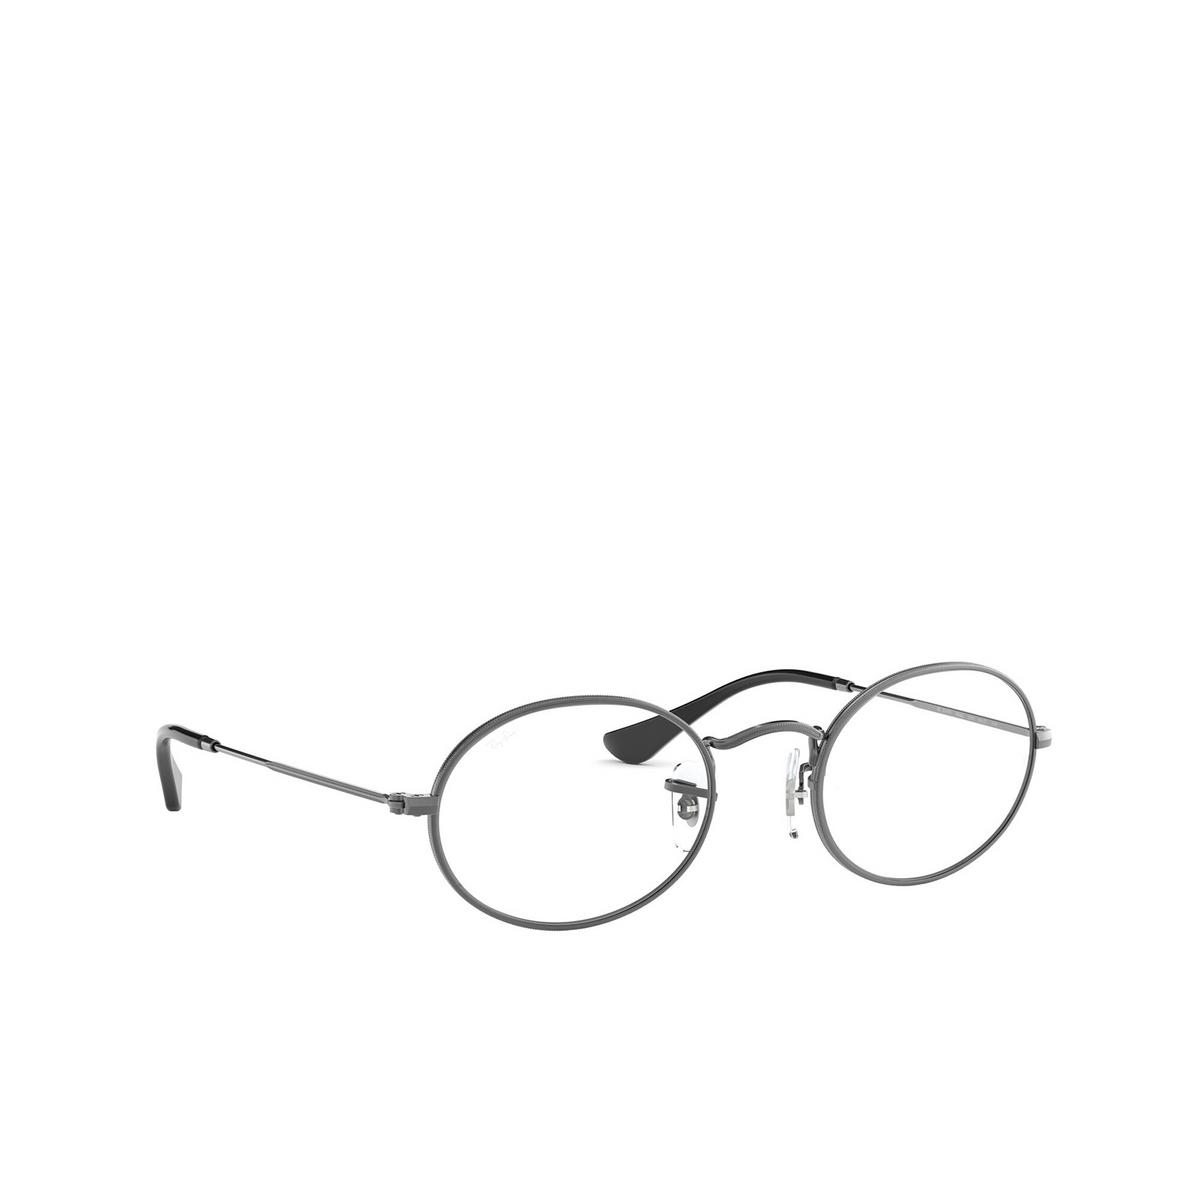 Ray-Ban® Oval Eyeglasses: Oval RX3547V color Gunmetal 2502 - three-quarters view.